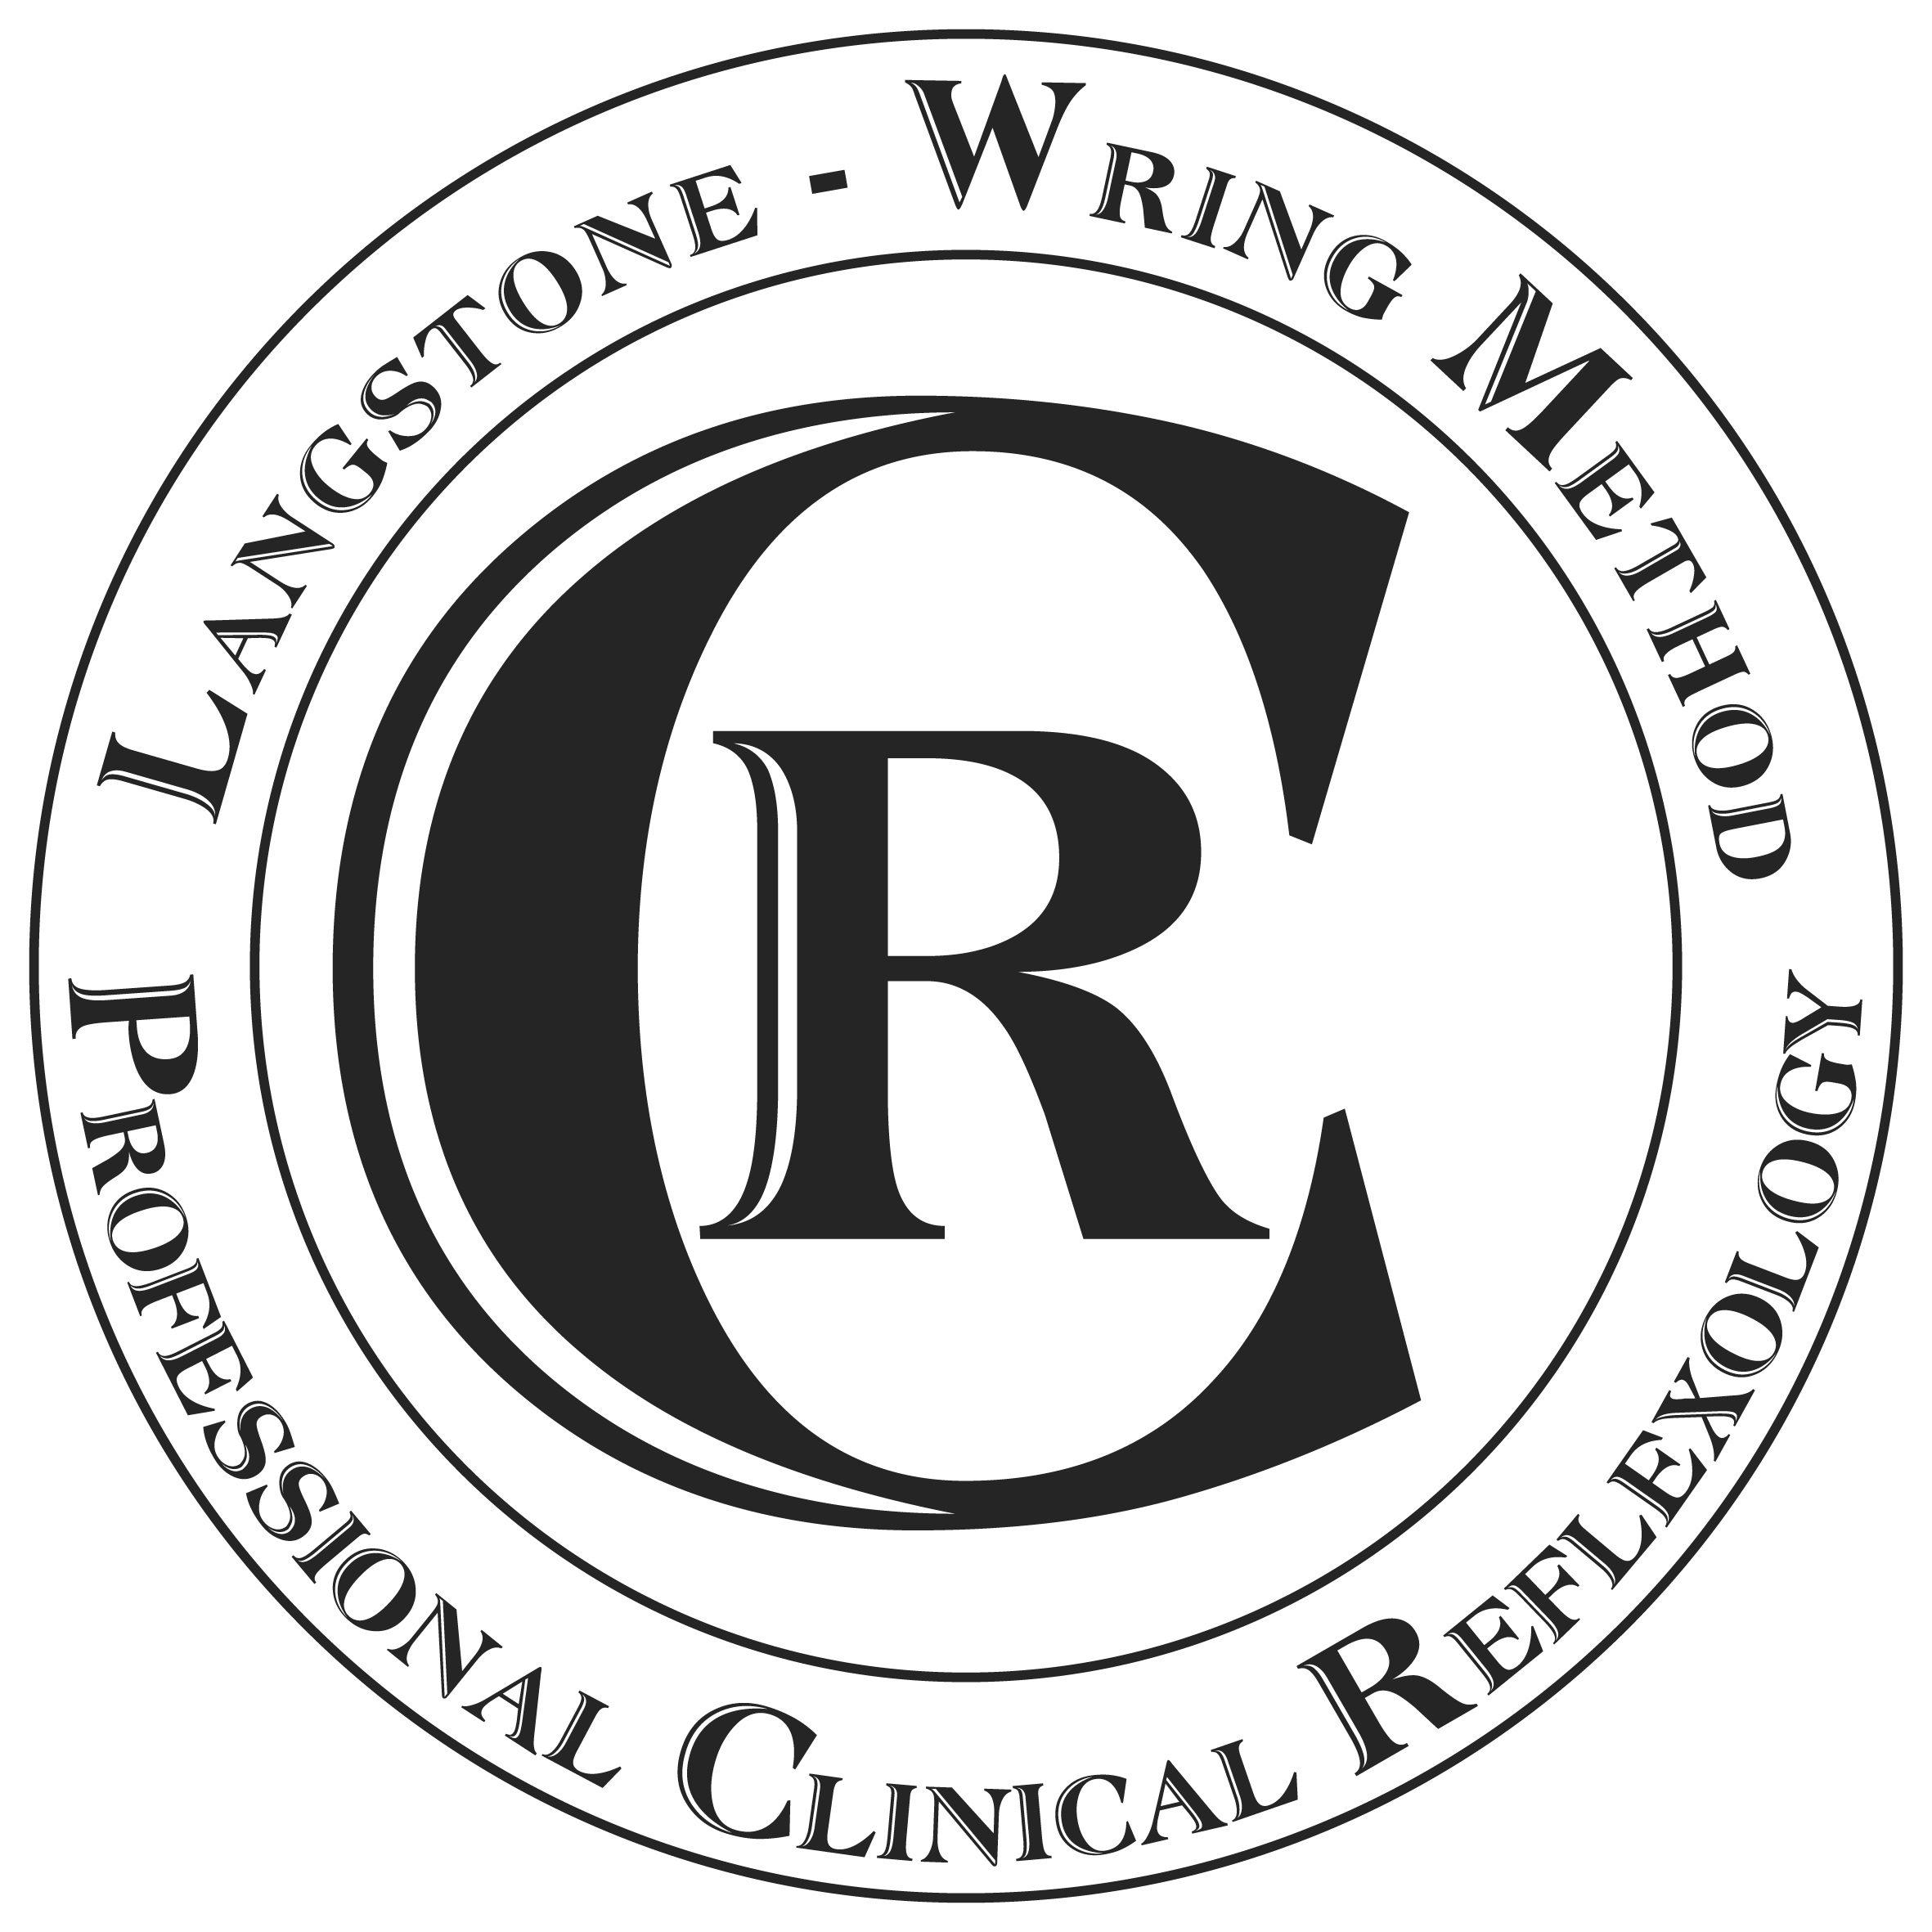 Dorset Clinical Reflexology